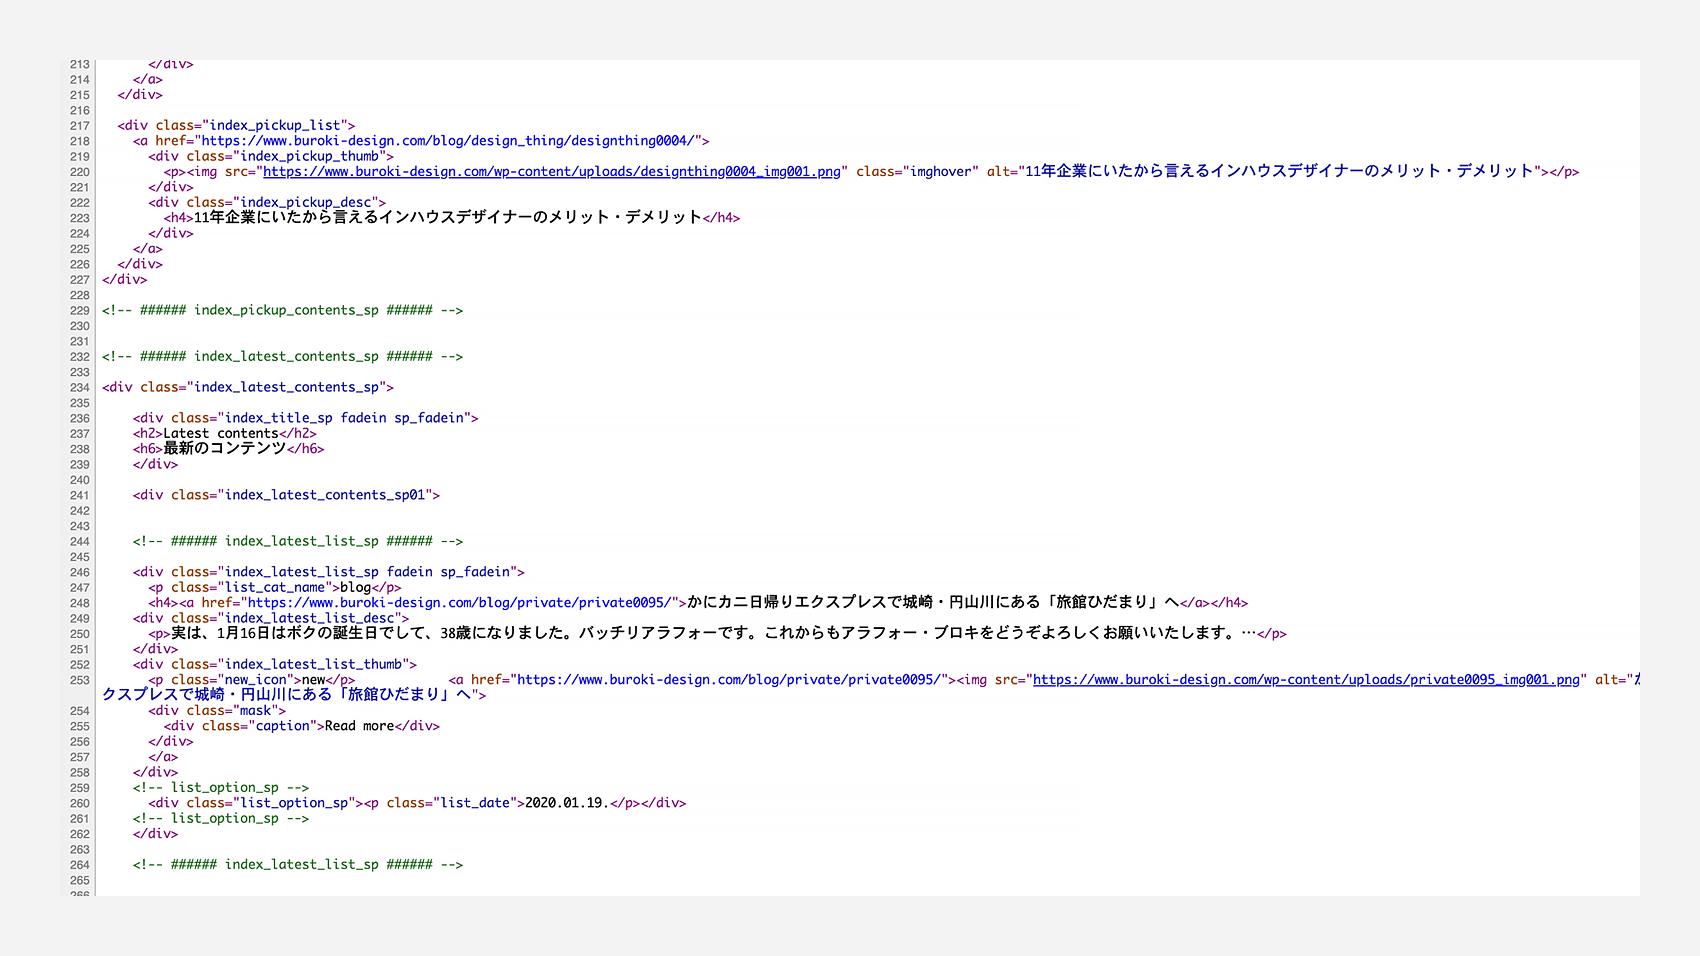 表示されるhtmlソースコード